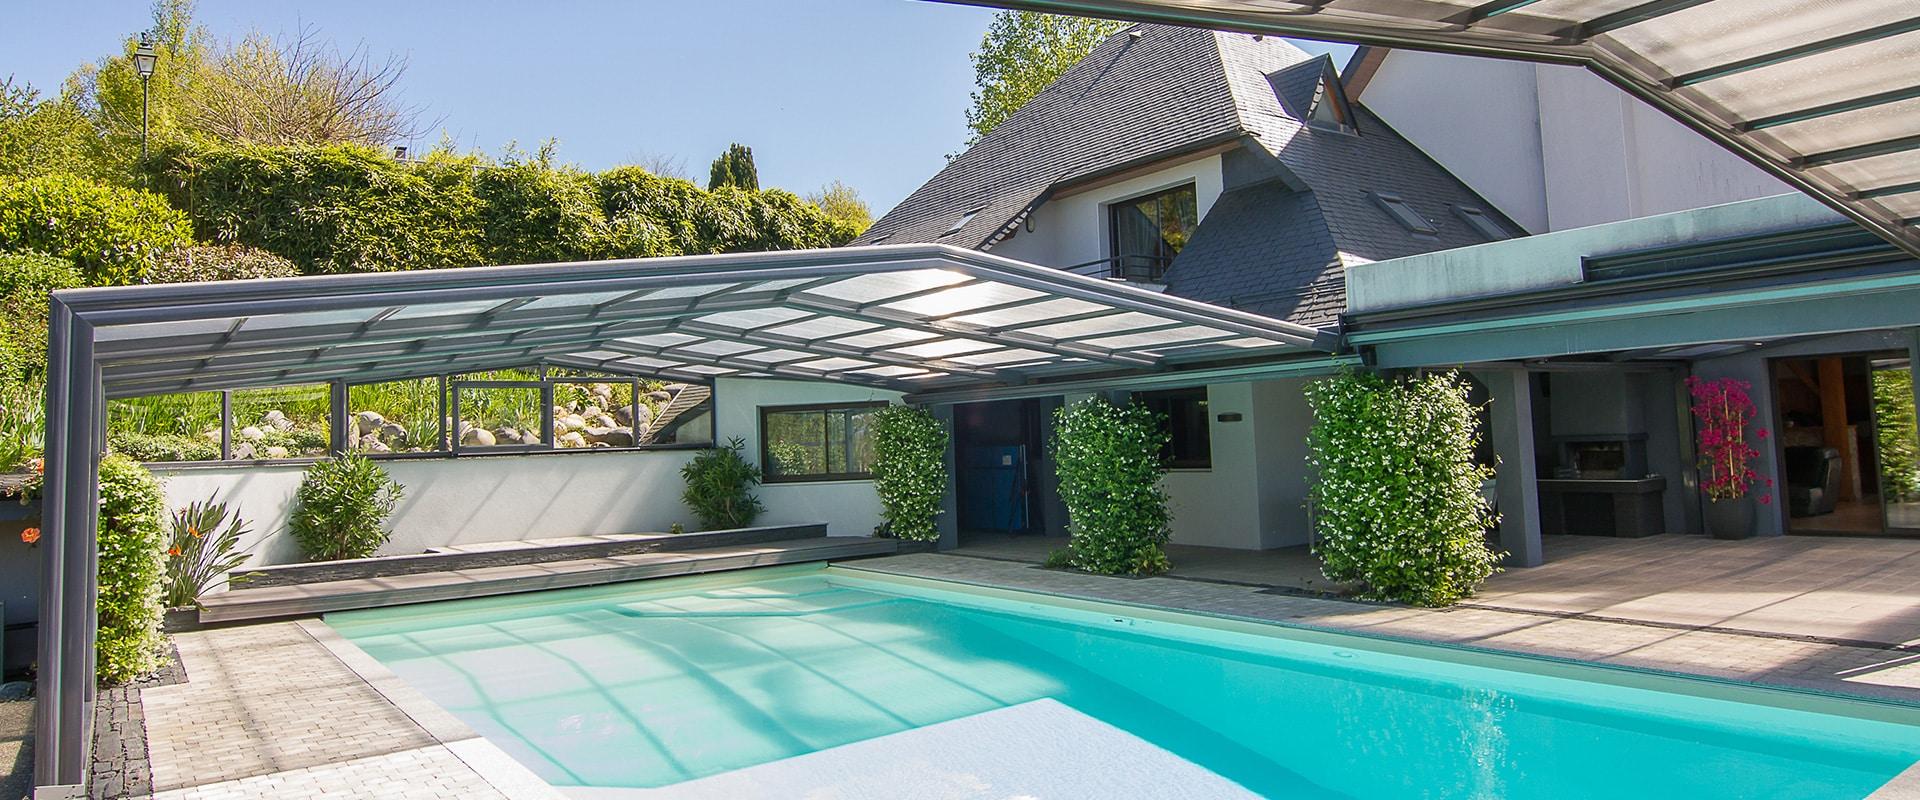 abris de piscine sur-mesure - abri piscine sur muret , entre murs…